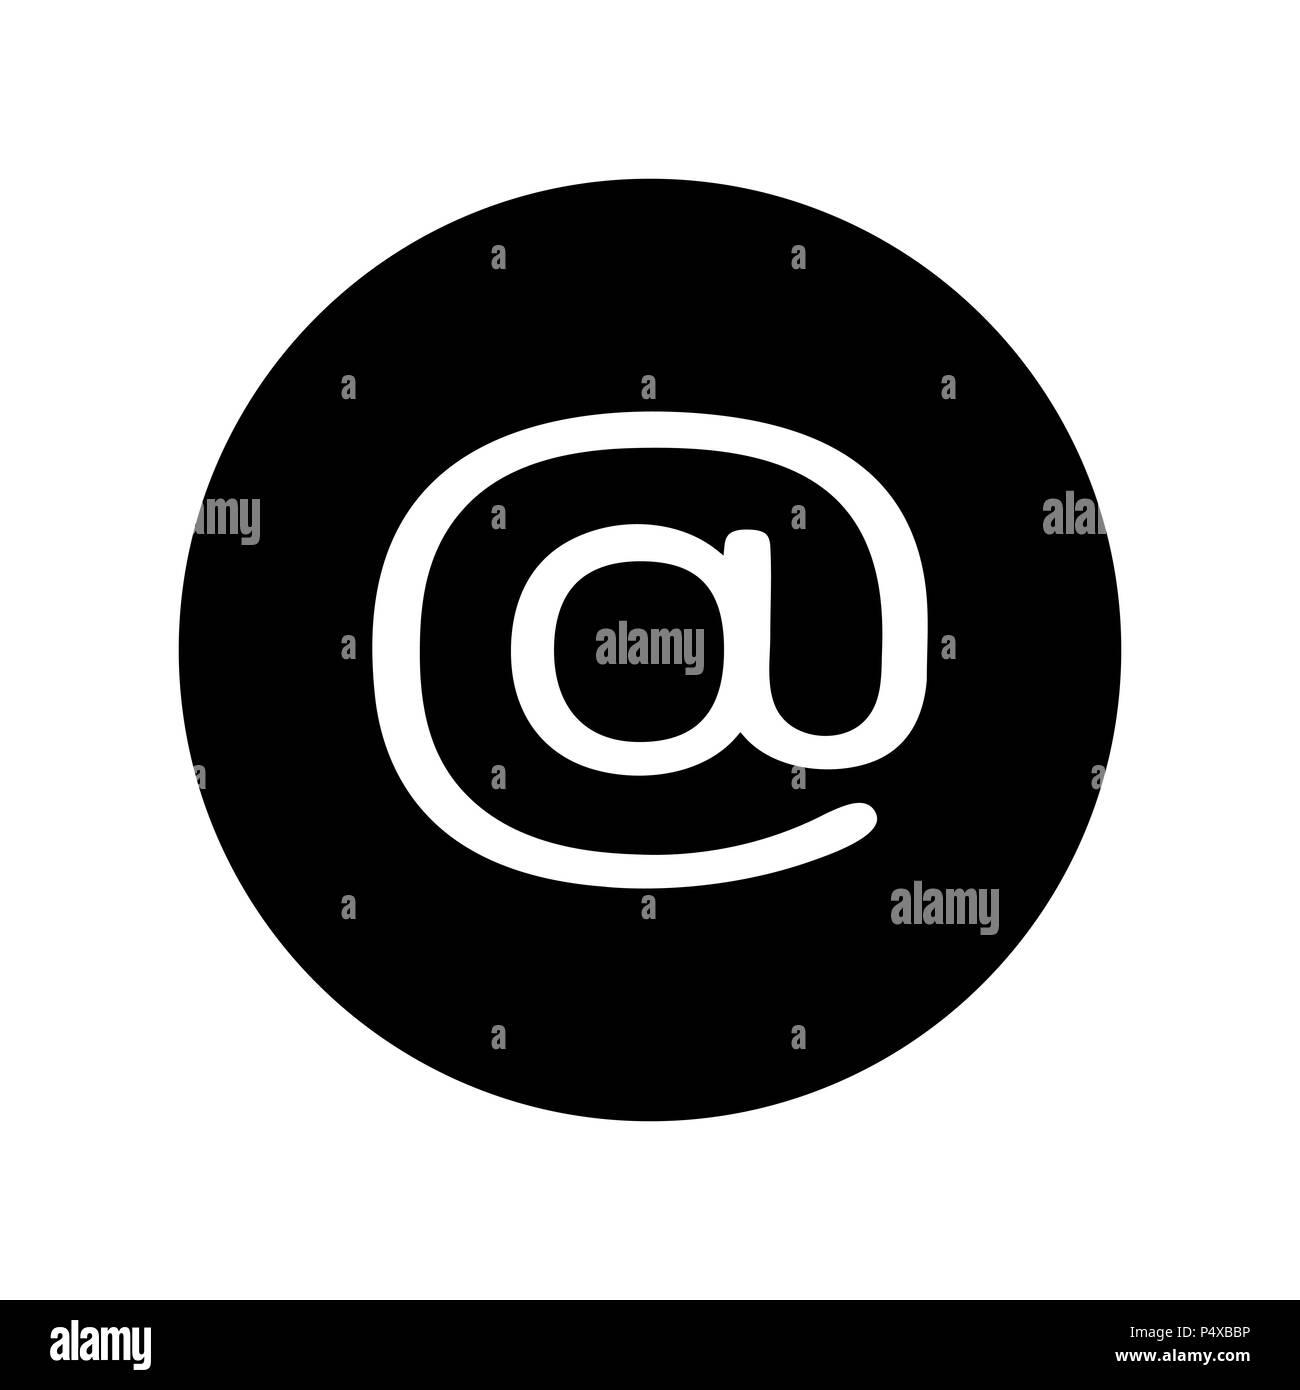 Icône e-mail in black circle. Le symbole E-mail Photo Stock